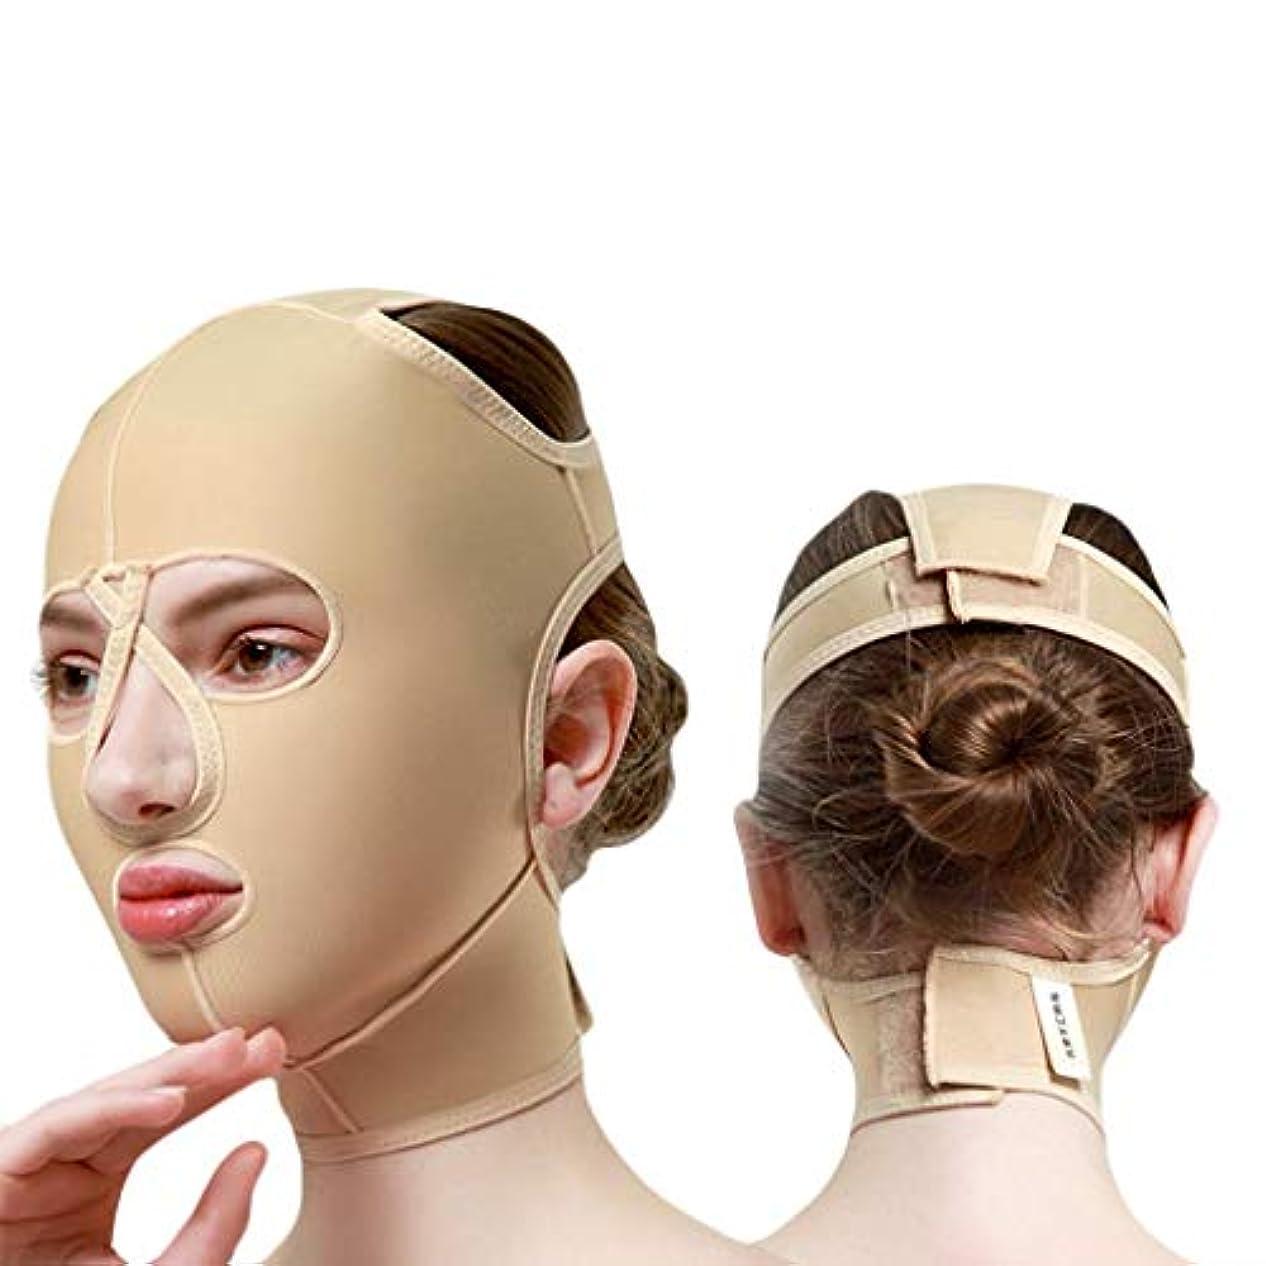 アカデミック上向き差別化するチンストラップ、顔彫りツール、リフティングマスク、ダブルチンリデューサー、フェイスリフティングエラスティックマスクメス(サイズ:M),M